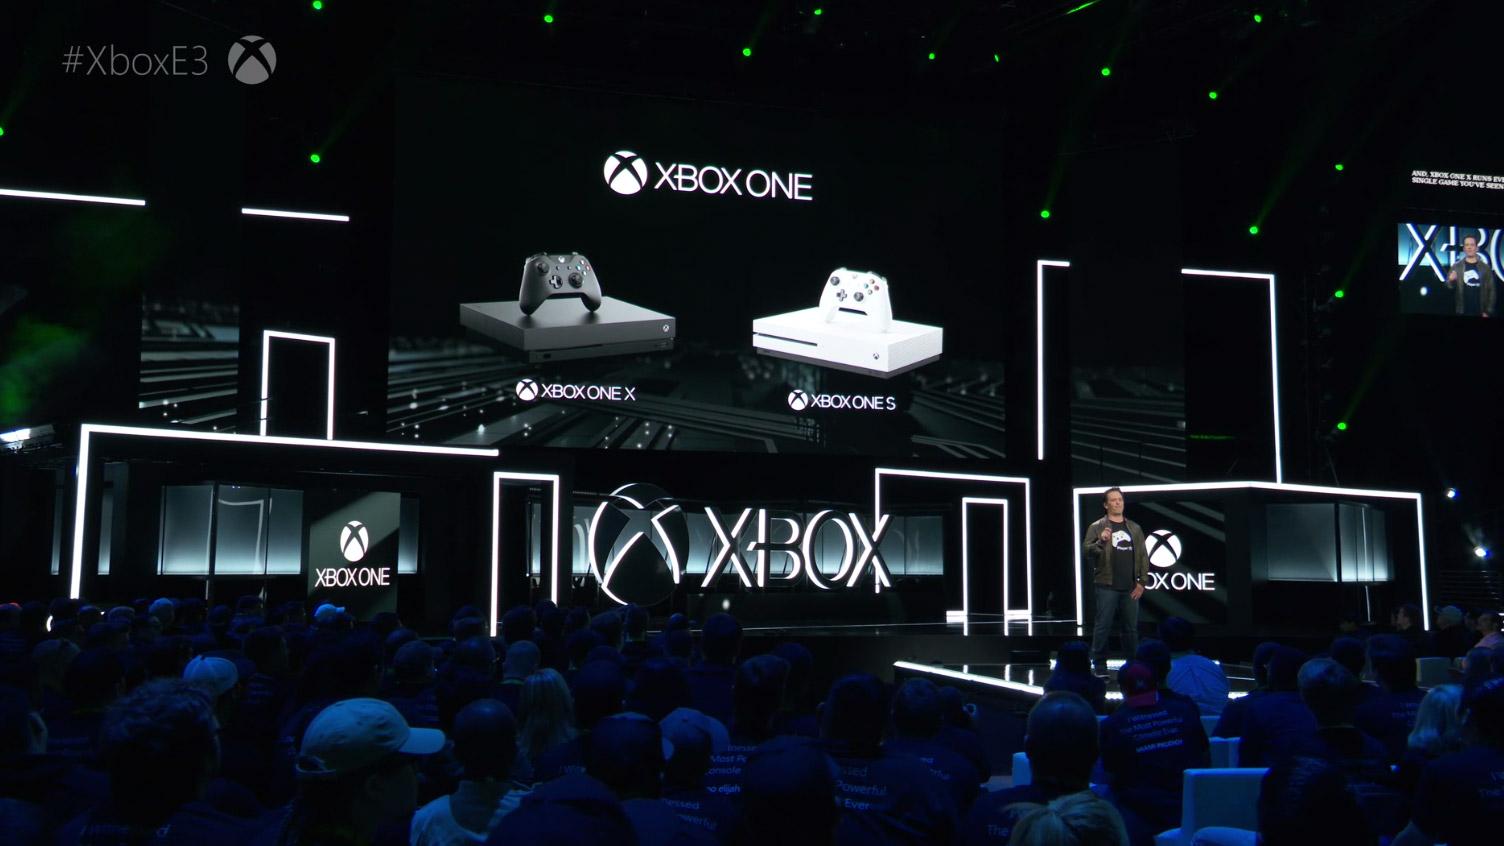 xbox-one-x-one-s.jpg